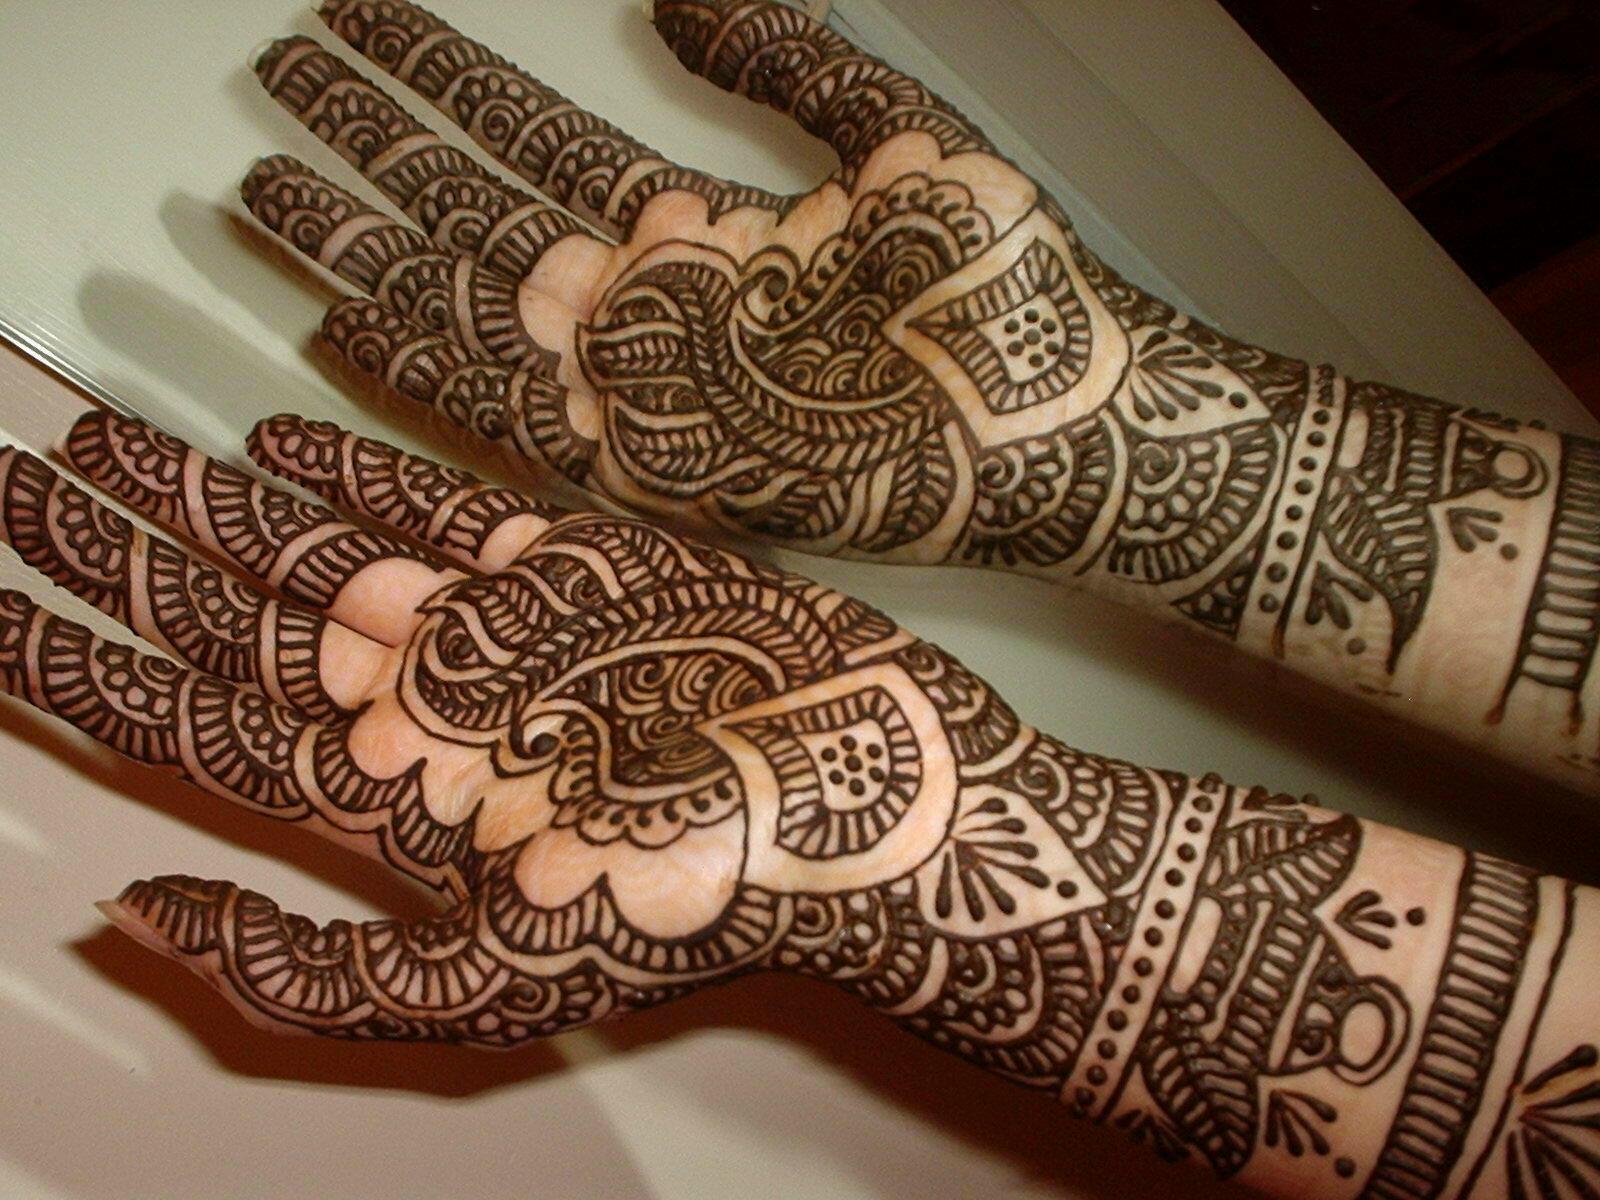 Традиционная роспись хной - мехенди или менди.